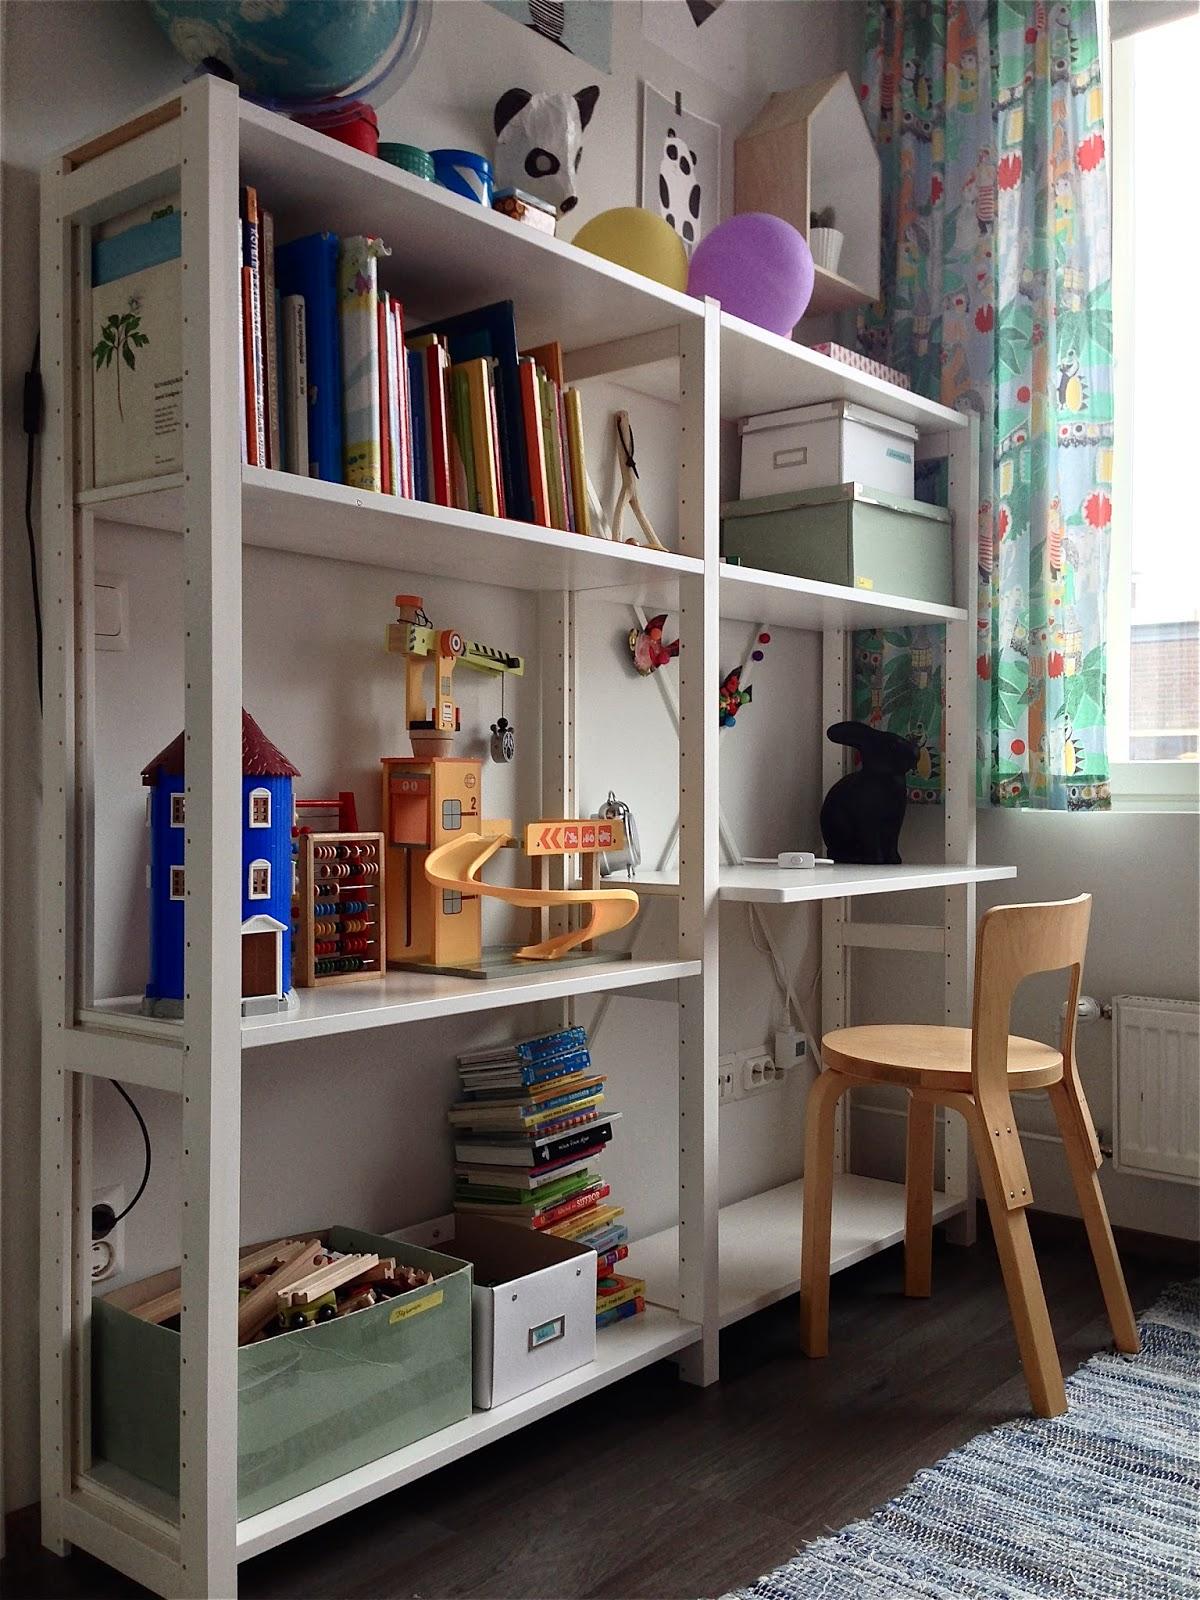 Lundia, Classic, Lundia Classic, kidsroom, barnrum, lastenhuone, artek